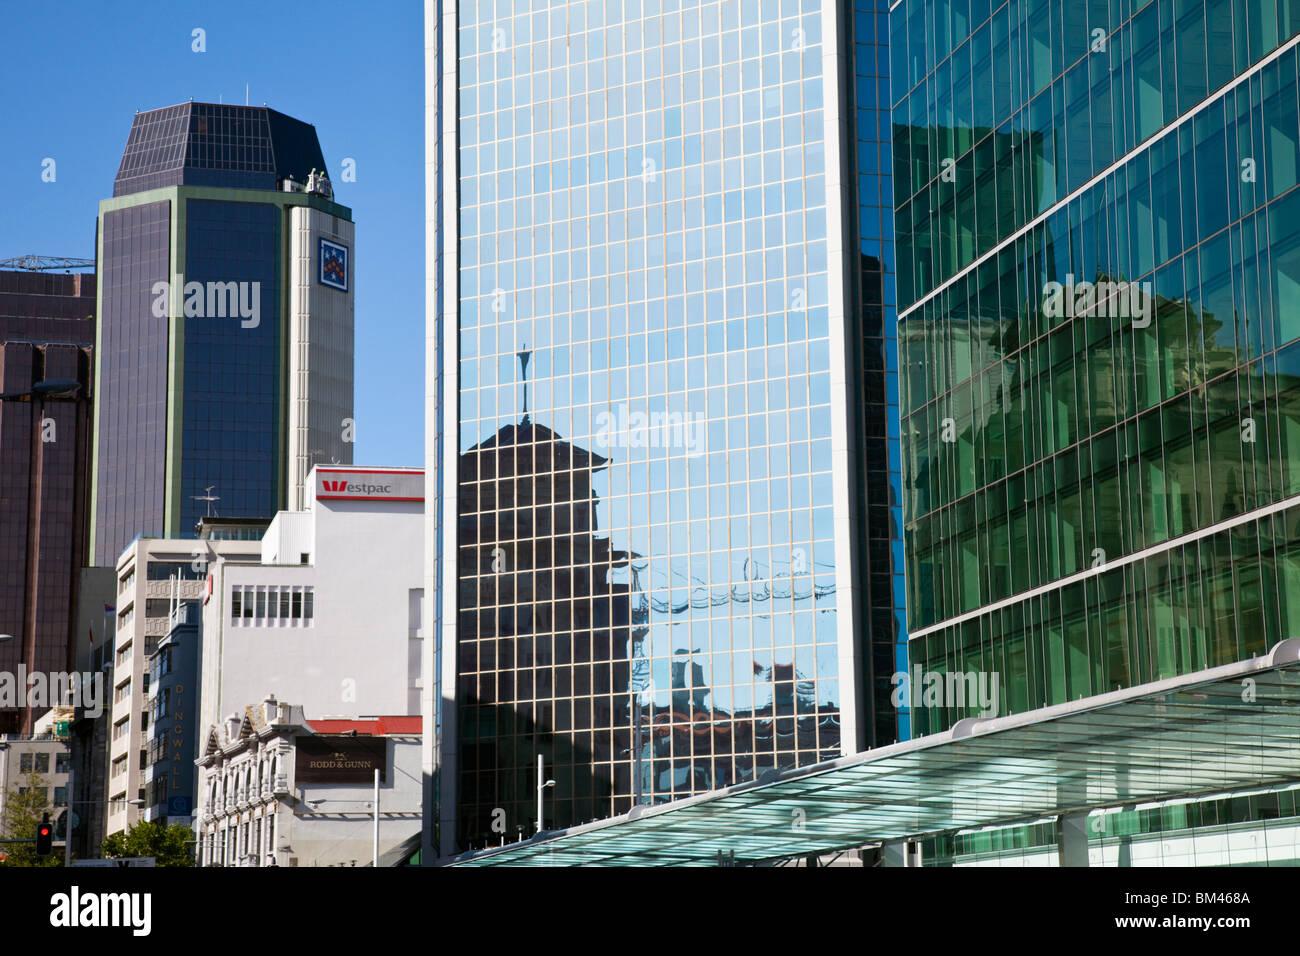 La arquitectura moderna del distrito central de negocios. Auckland, North Island, Nueva Zelanda Imagen De Stock